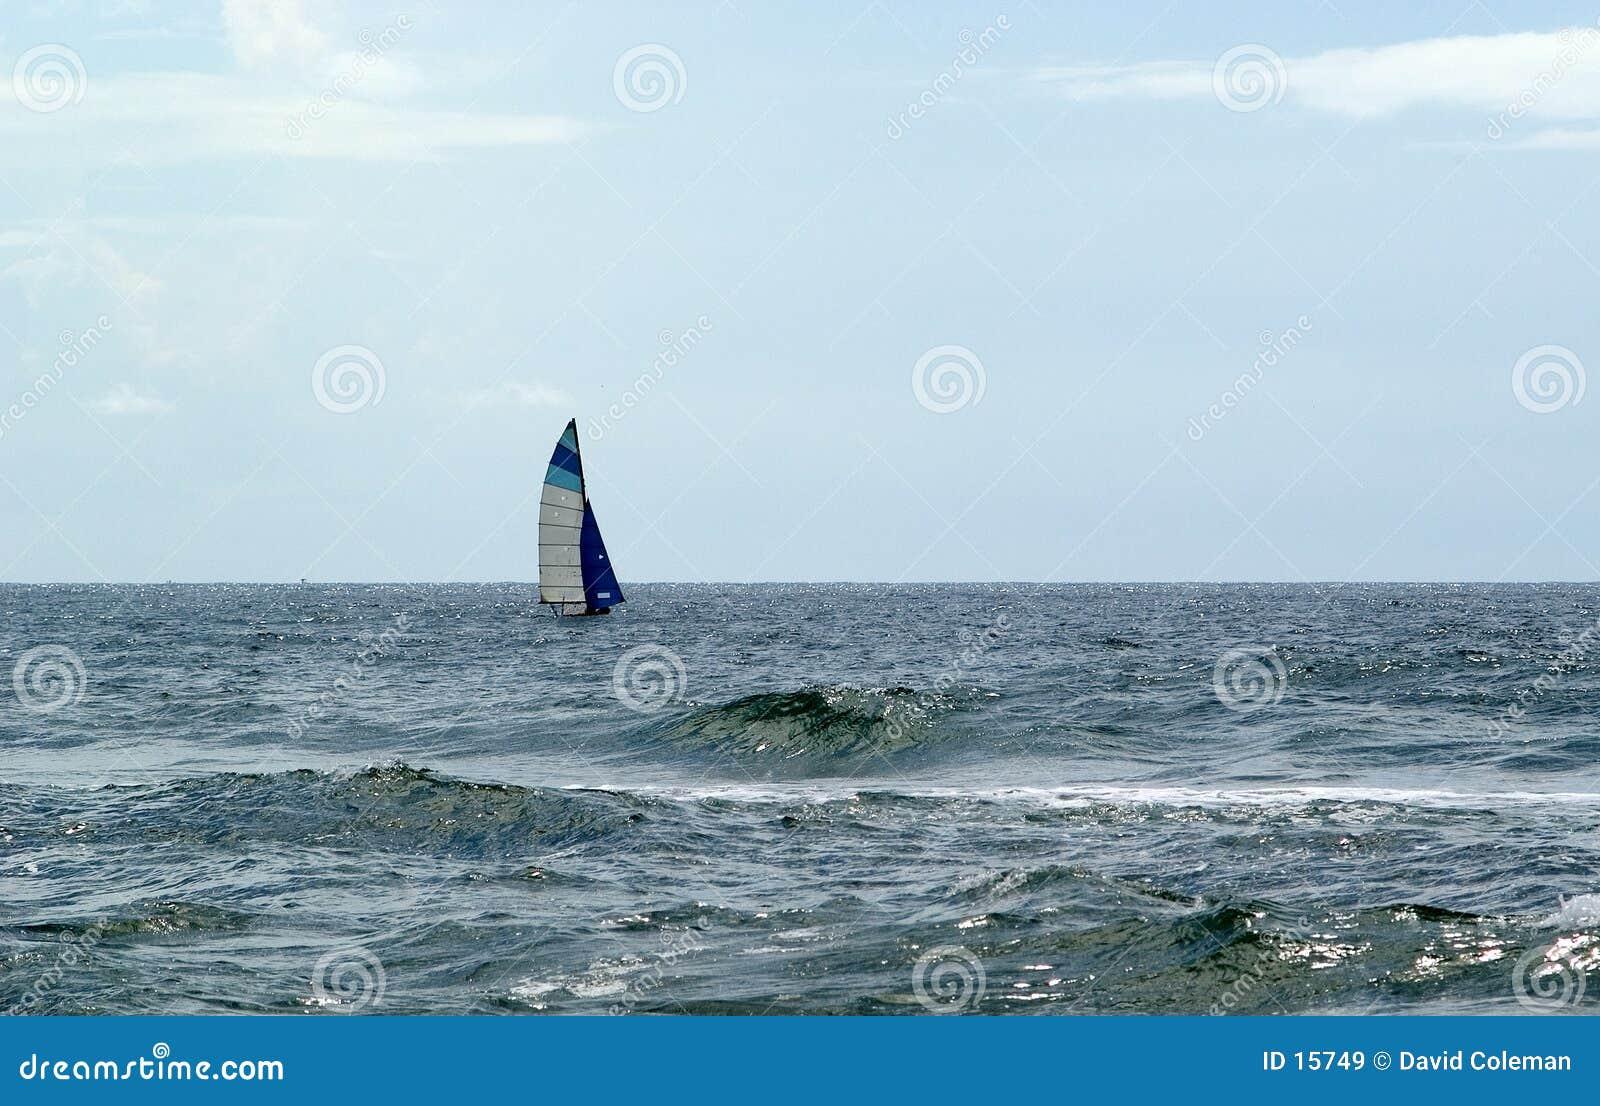 Segeln in geöffnetes Wasser